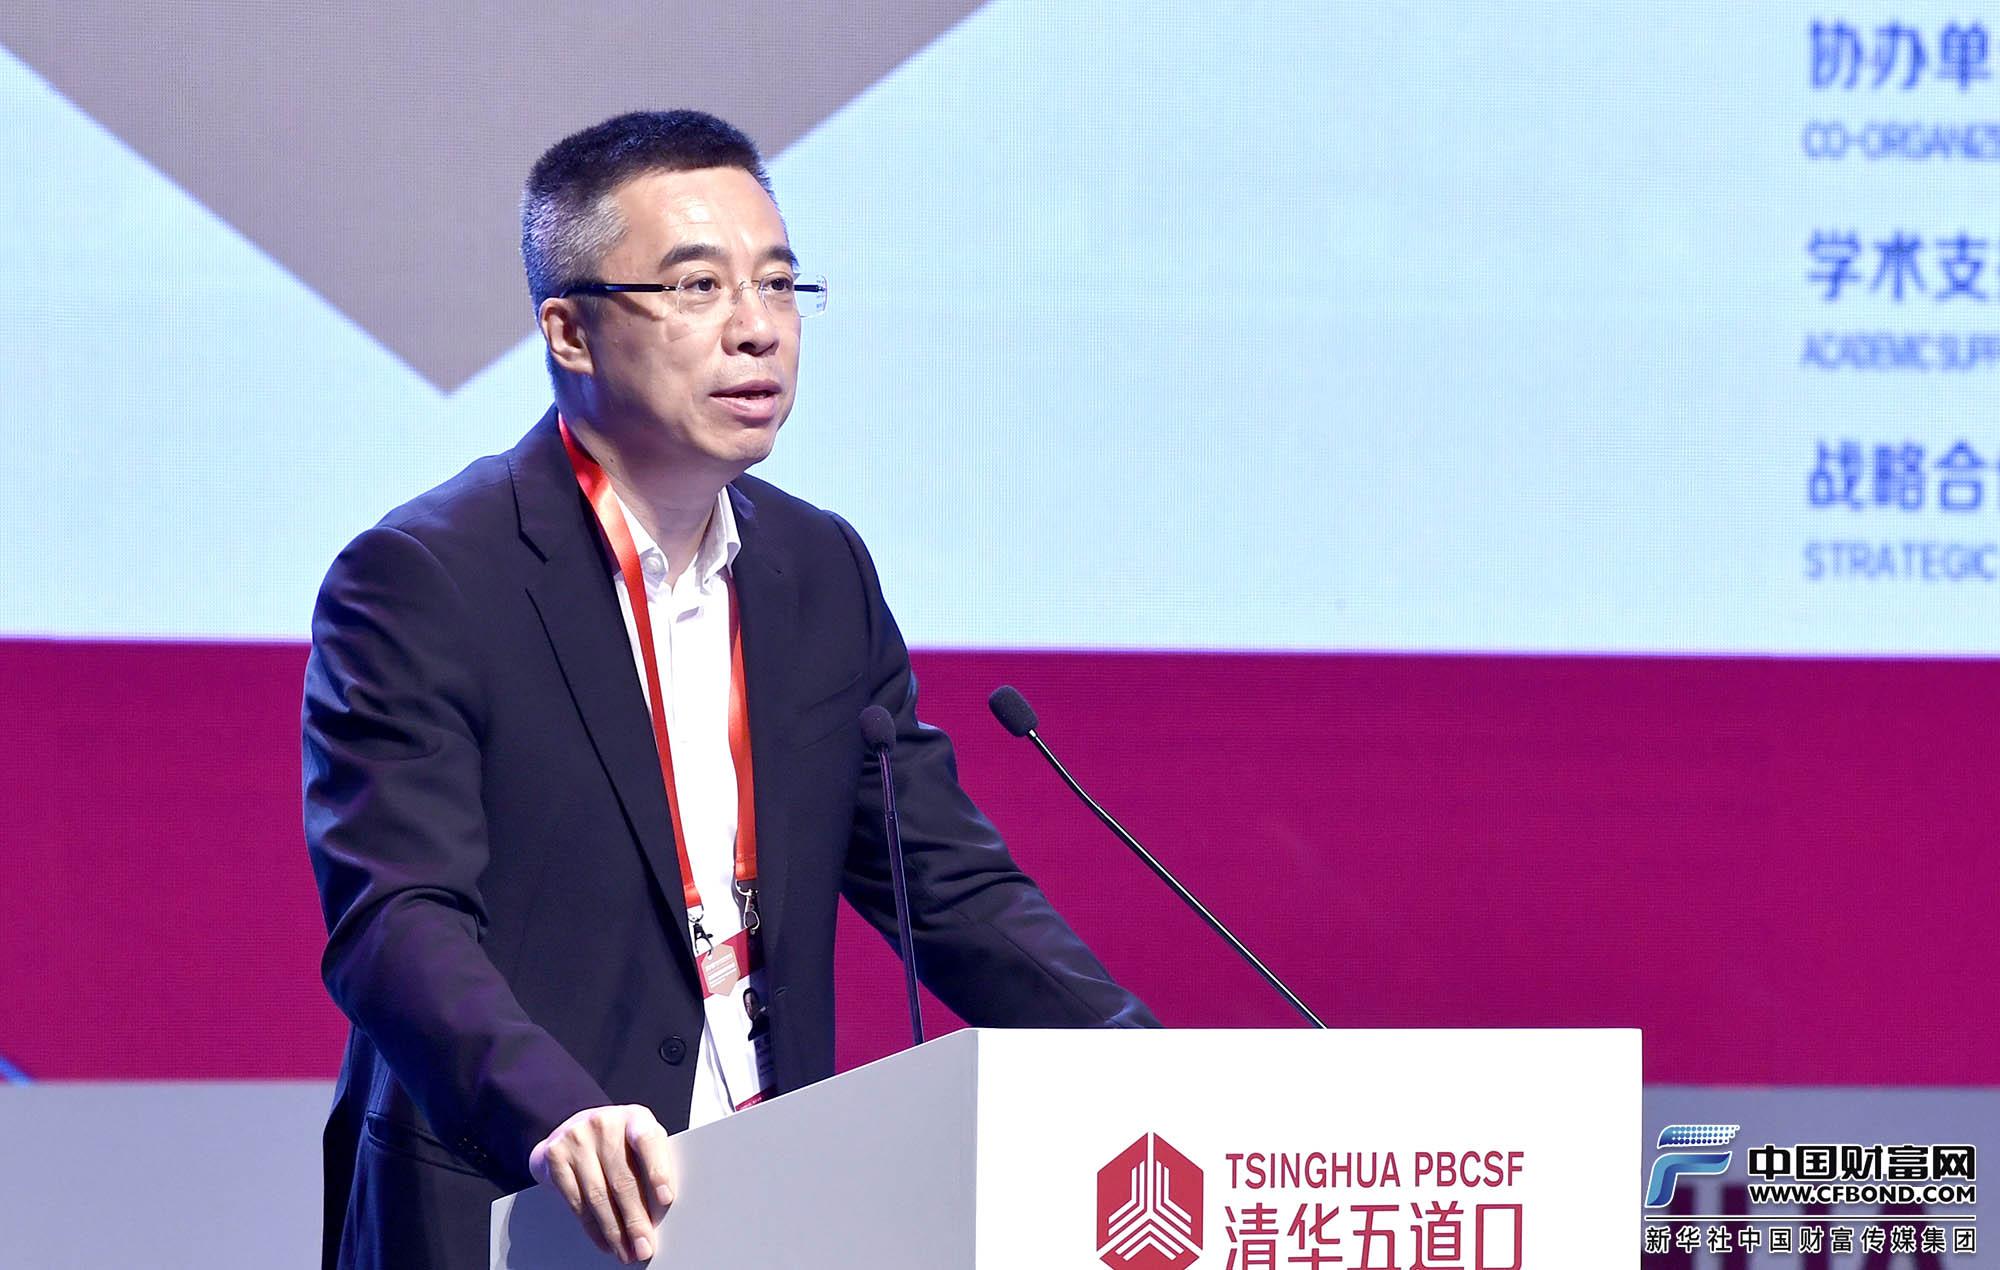 演讲嘉宾:北京文化董事长宋歌